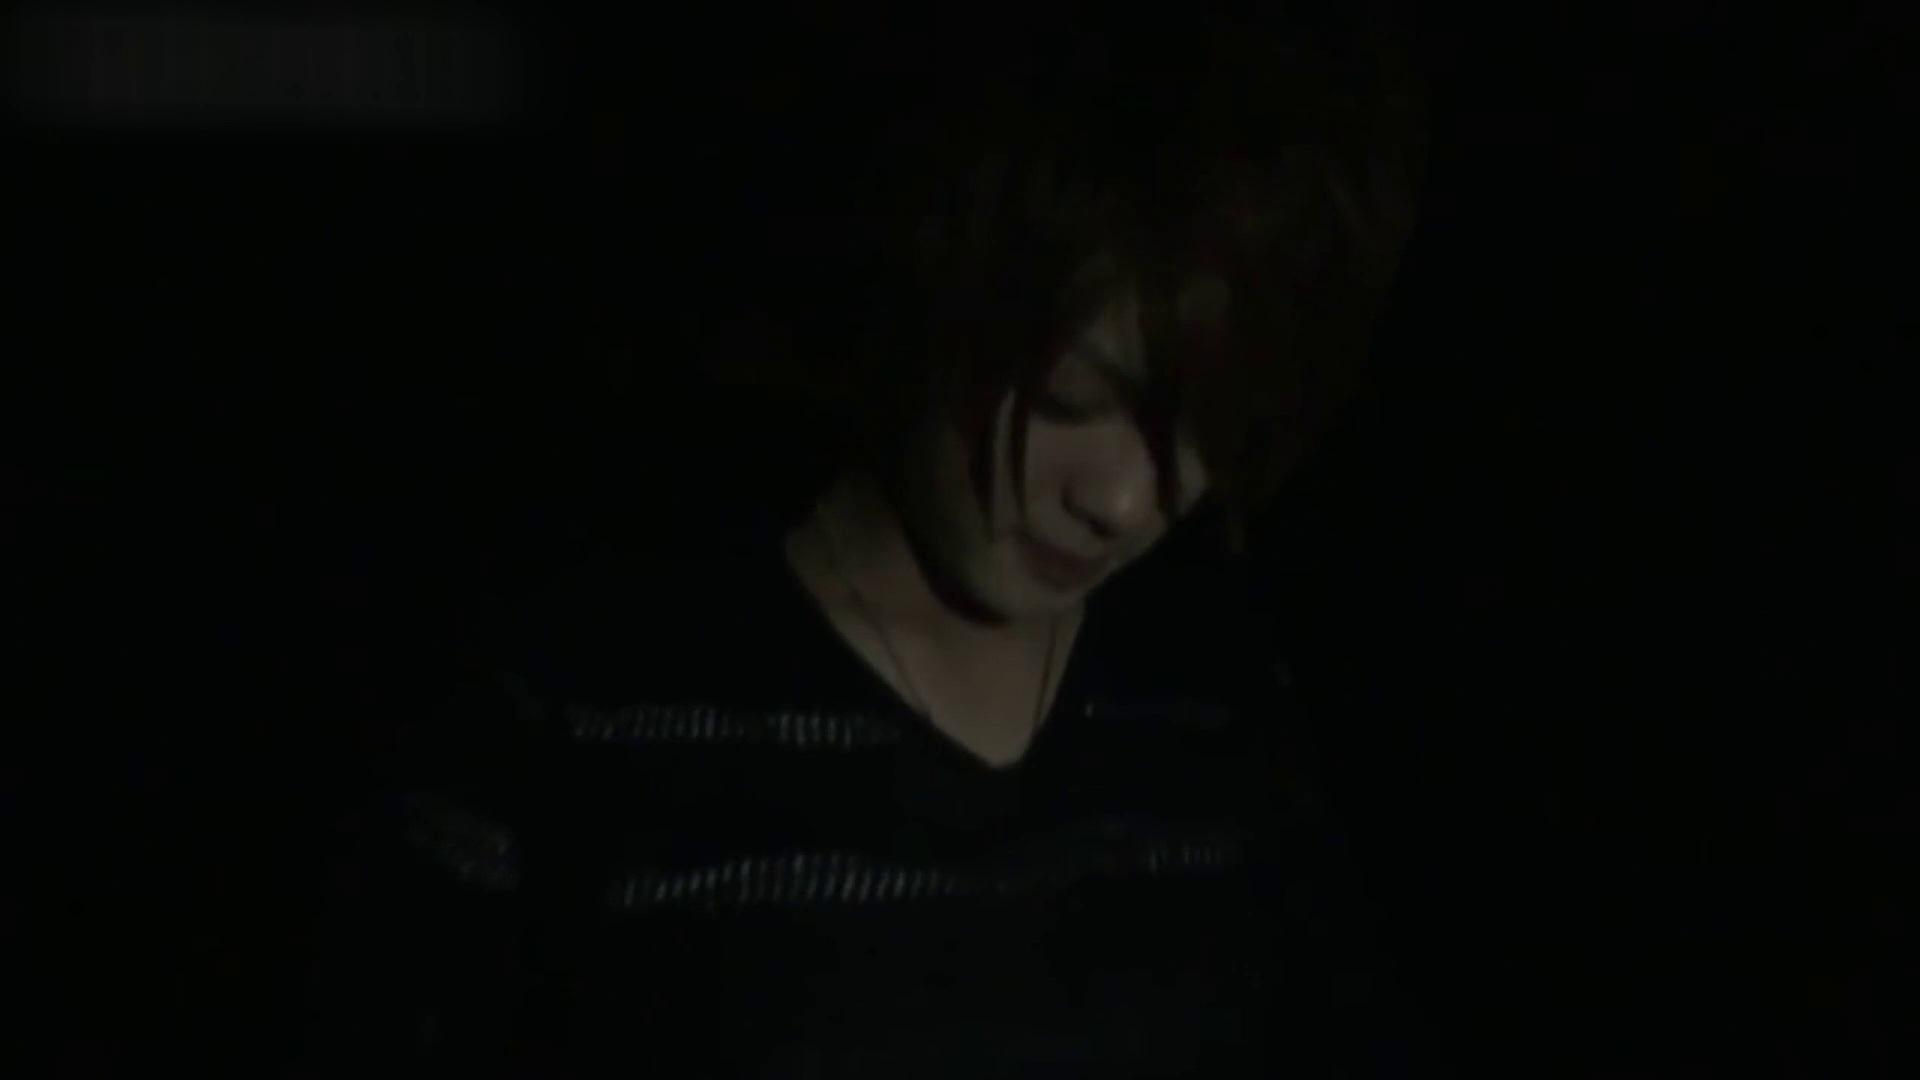 イケイケMEN'SCLUB vol.21 まじ生挿入 ゲイセックス画像 90pic 24